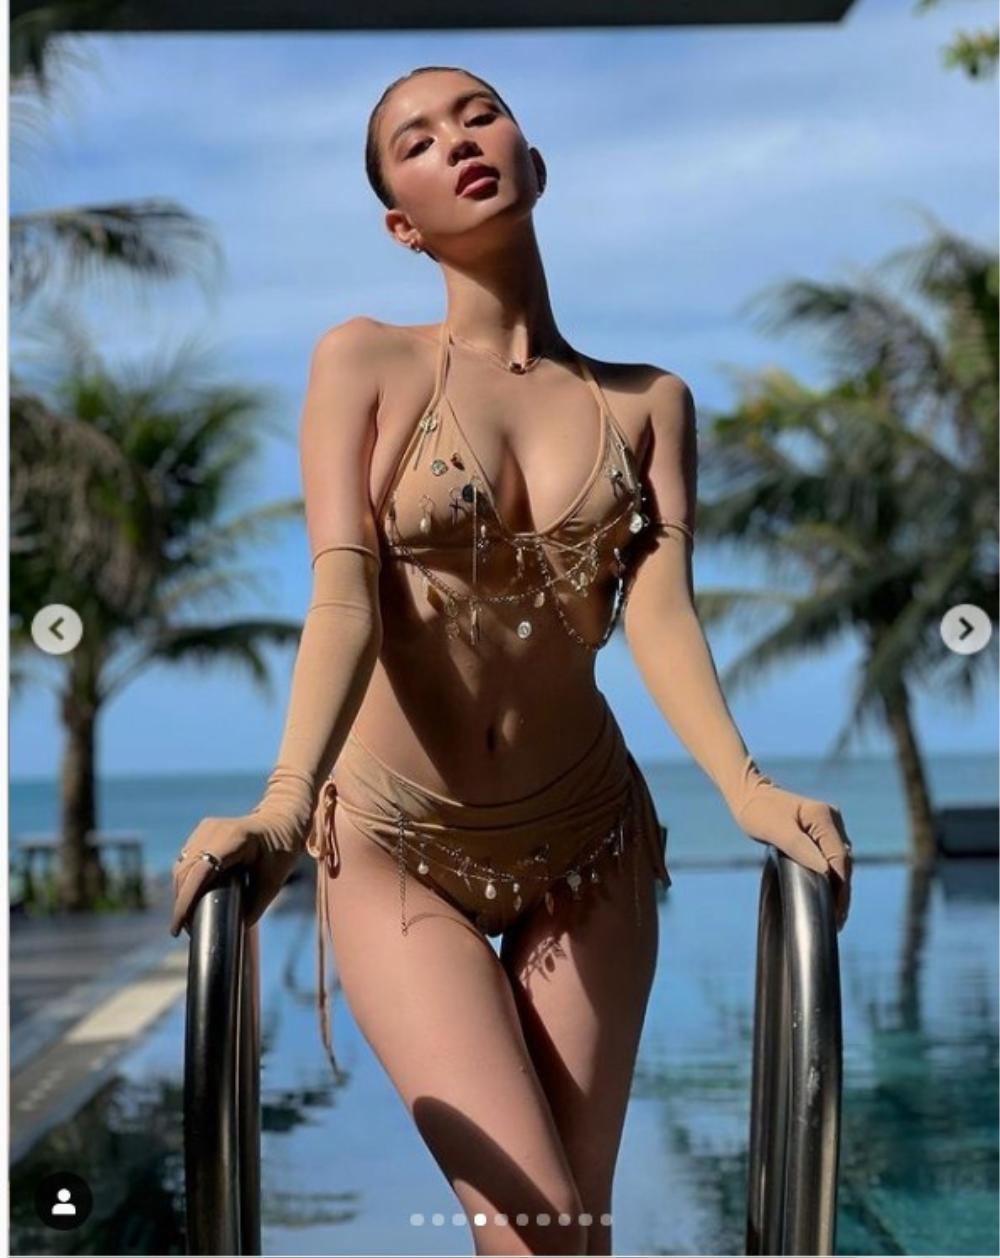 'Xỉu lên xỉu xuống' vì Ngọc Trinh khoe vòng 3 căng đét trong bộ bikini màu da tí hon Ảnh 4